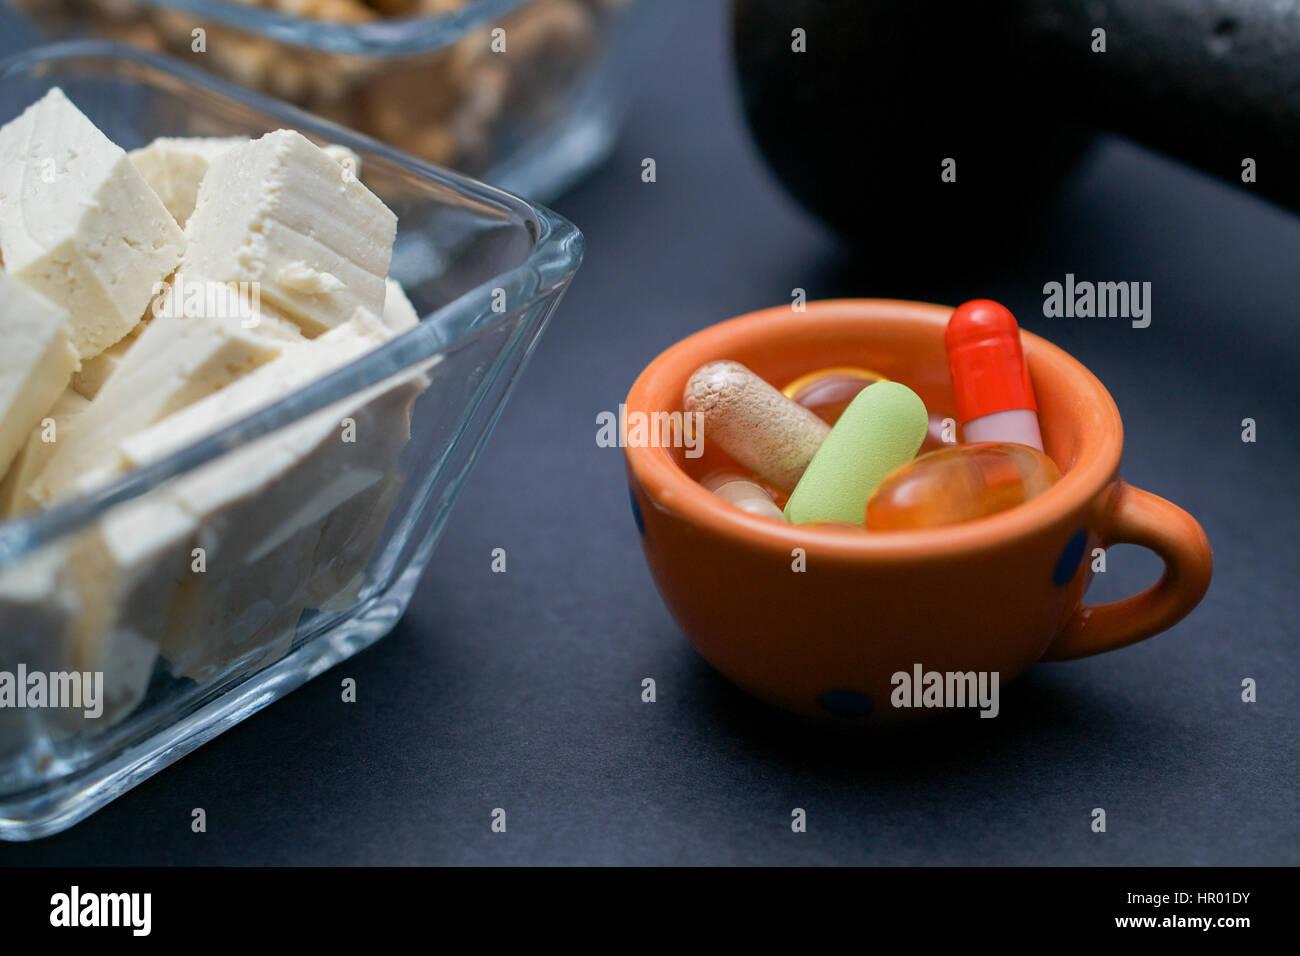 Closeup en pesa, nogal, tofu y suplementos dietéticos sobre fondo oscuro: concepto de fitness y pérdida Imagen De Stock